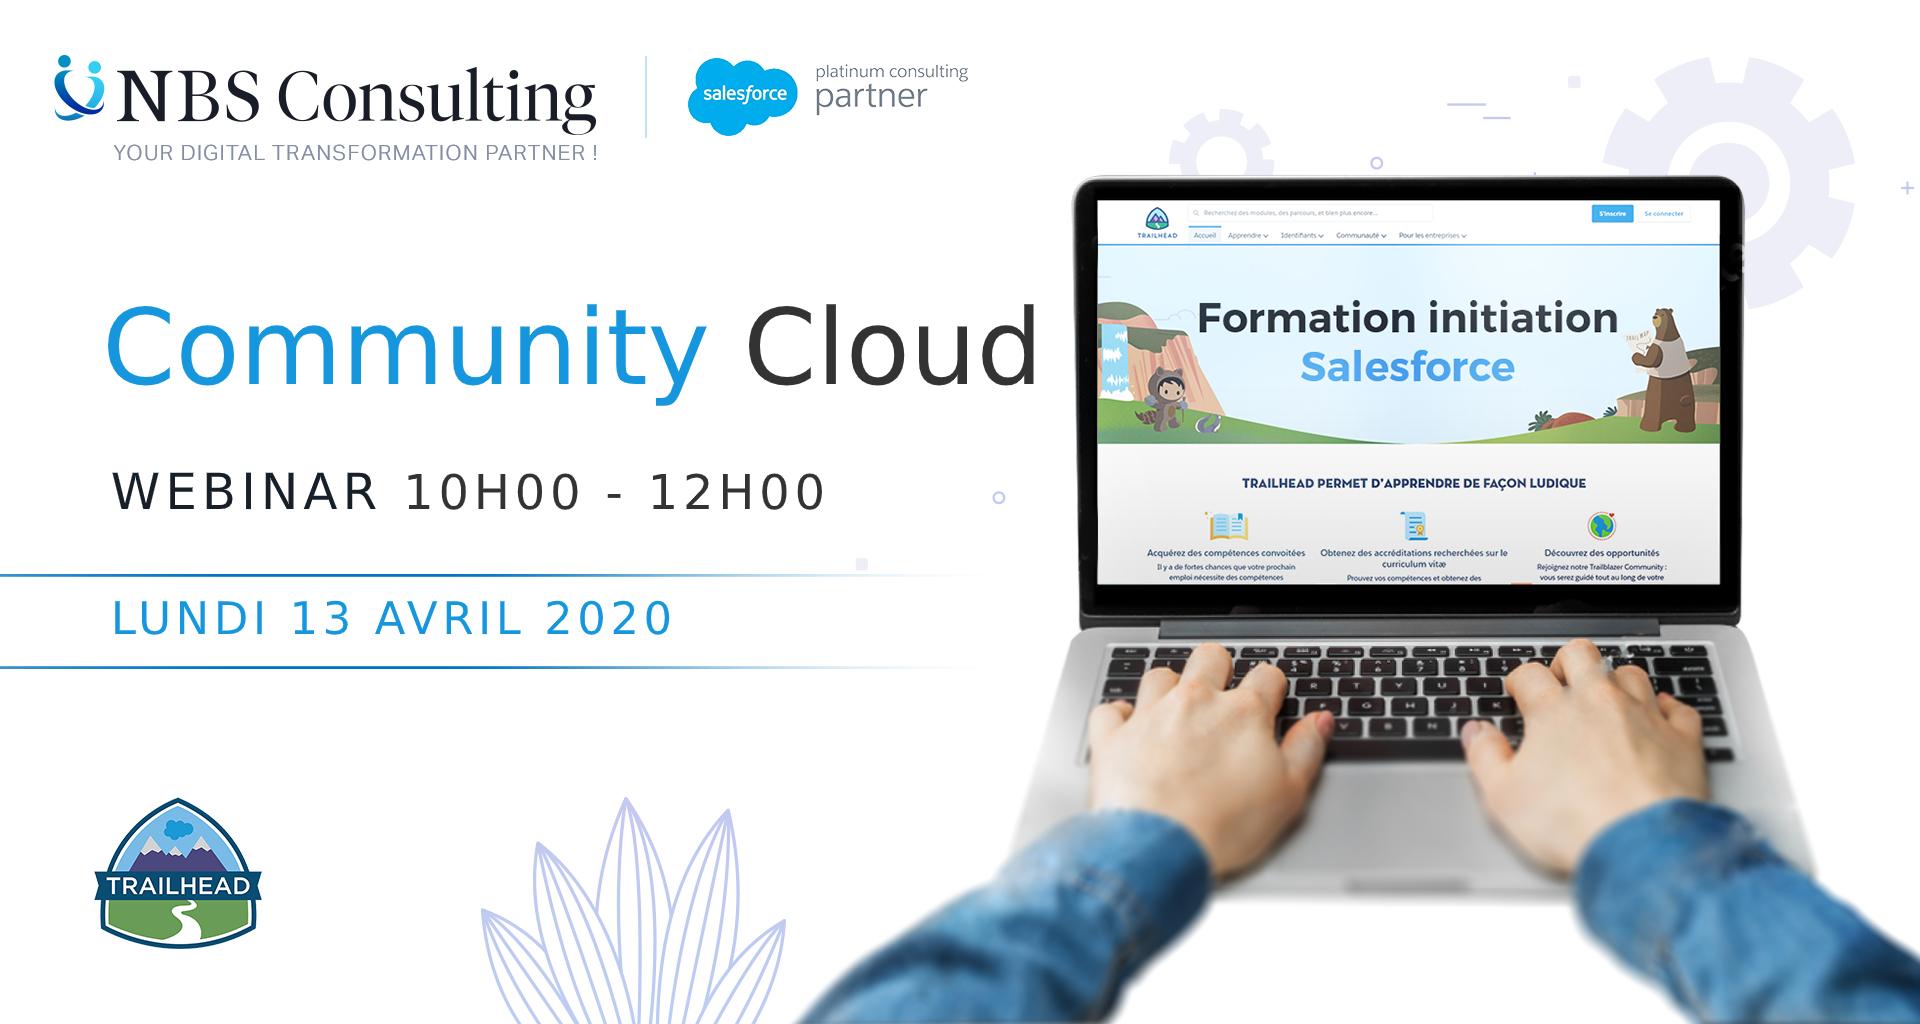 Notion de communauté, avantages et création des communautés salesforce, création d'utilisateurs de communauté et d'ensemble de partage, configuration des communautés, personnalisation des communautés avec le générateur d'expérience